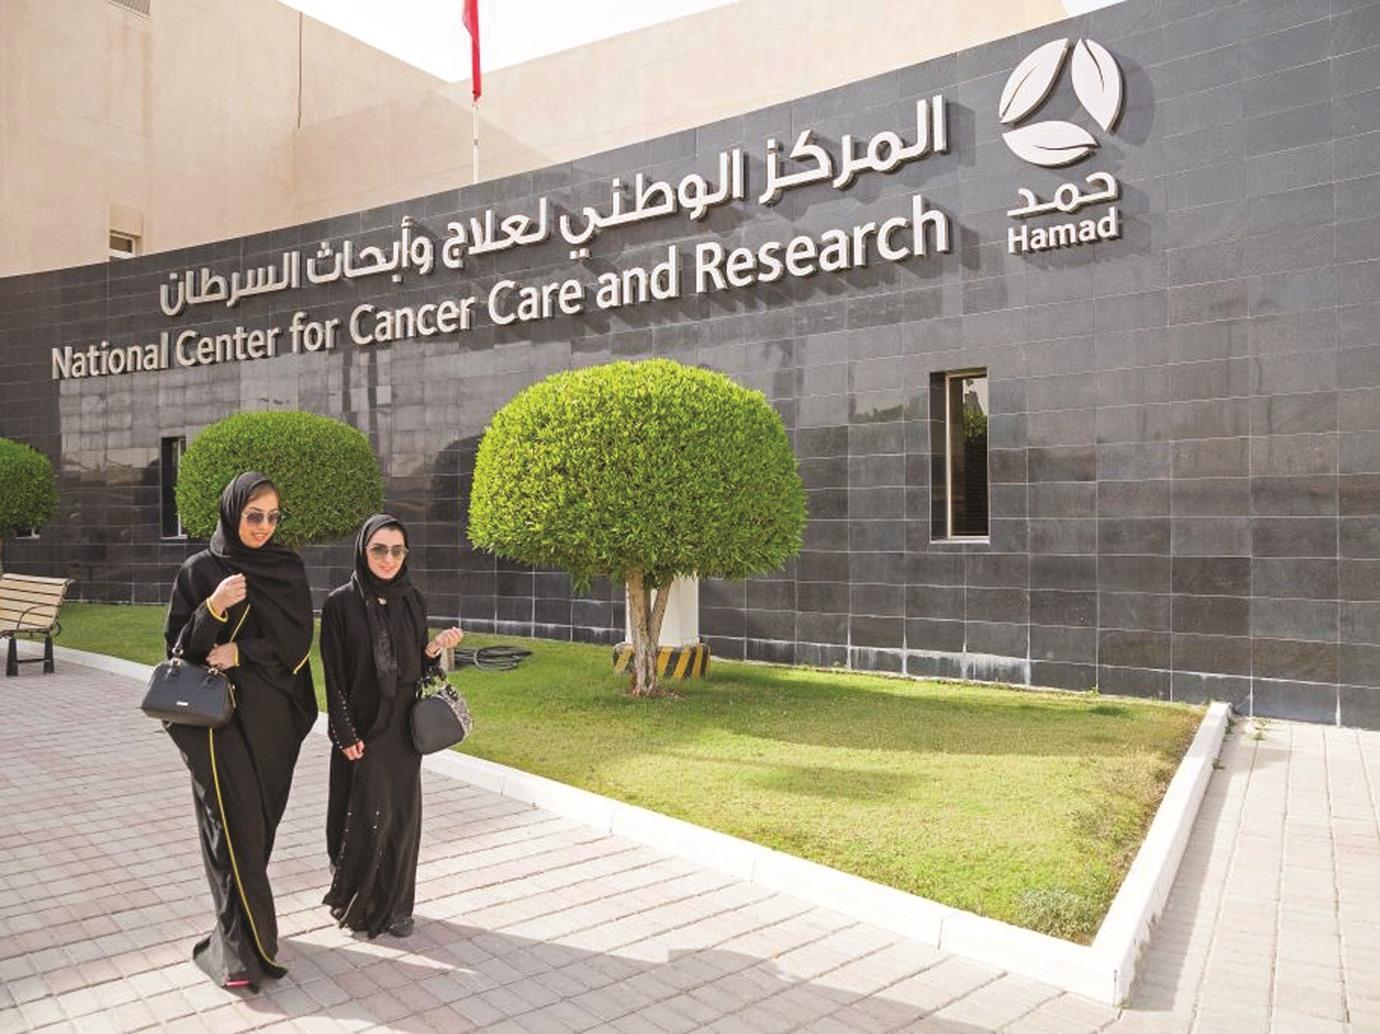 أكثر أنواع السرطان انتشاراً بين النساء في قطر هو سرطان الثدي